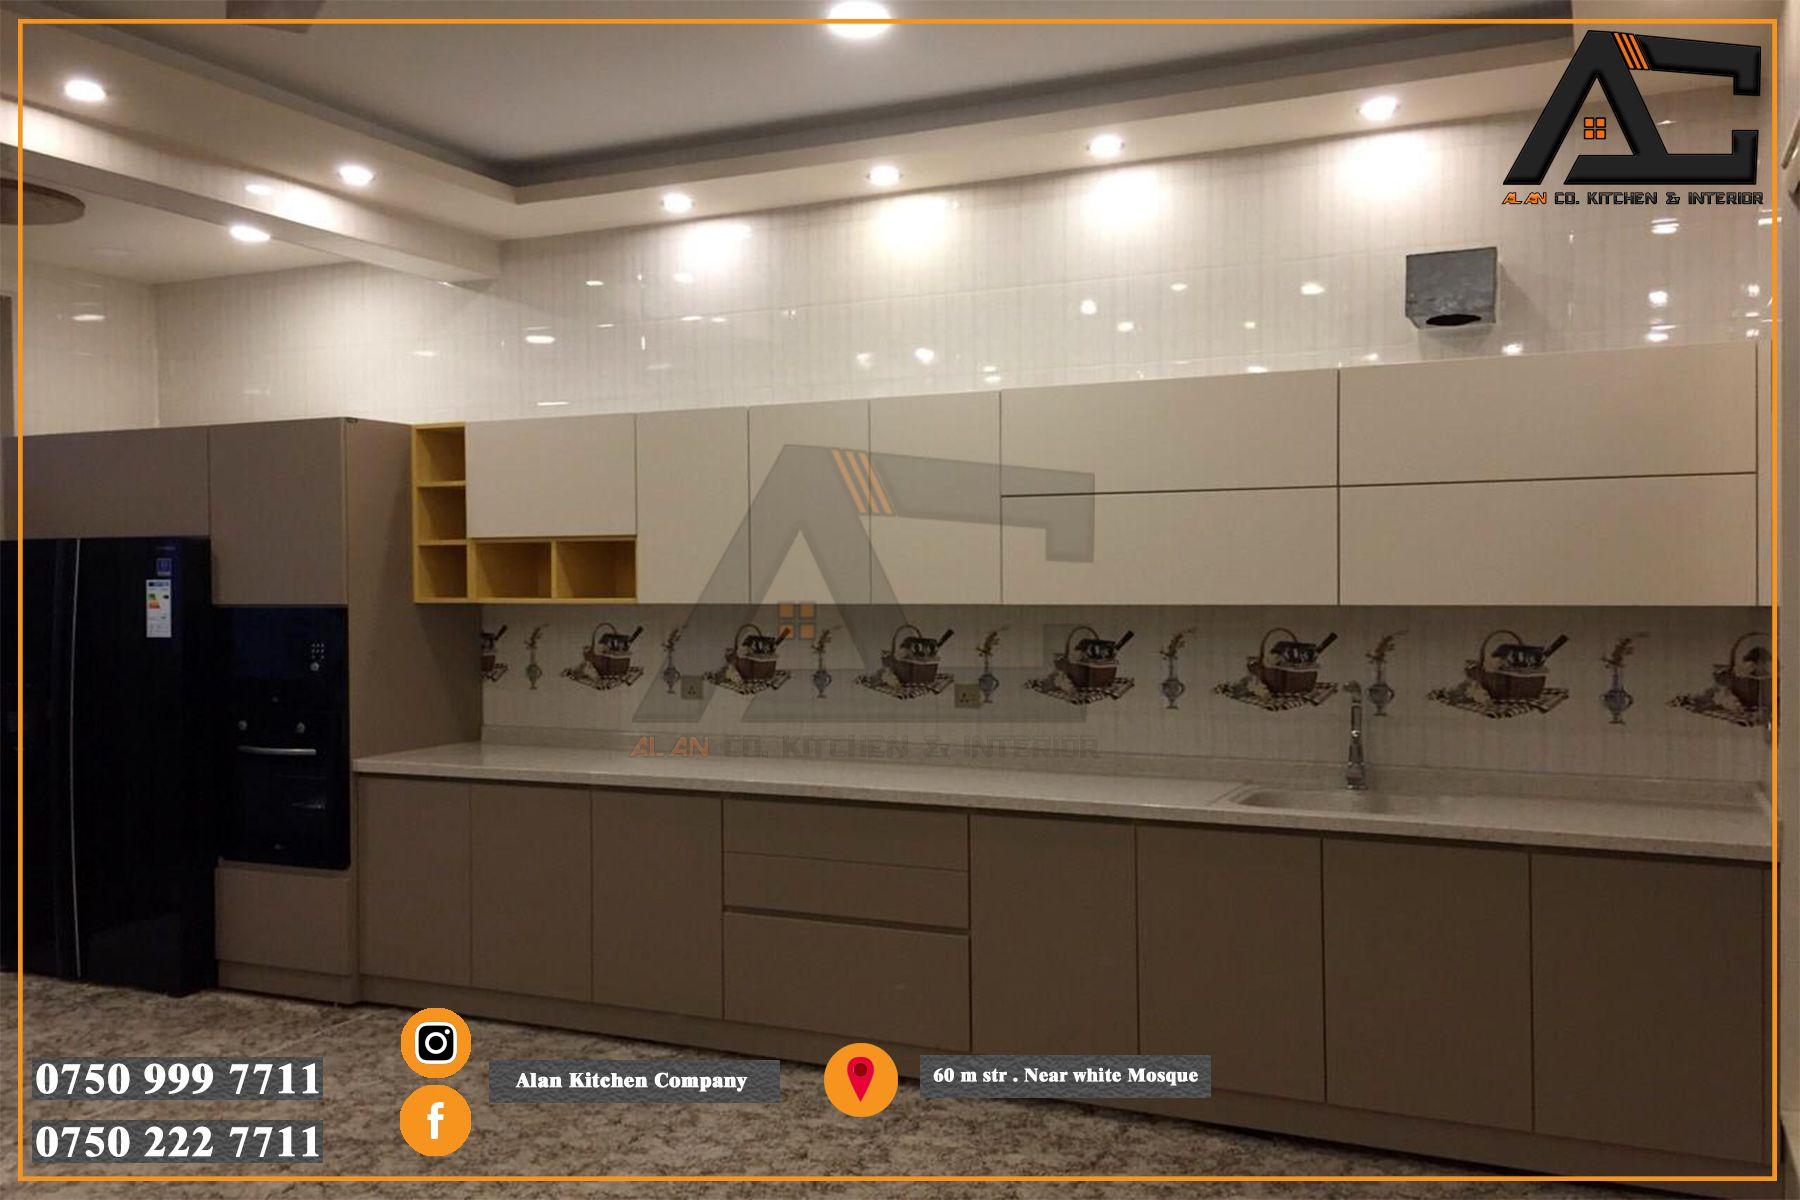 Pin By Alan Kitchen Company On Alan Kitchen Company Kitchen Company Kitchen Design Small Kitchen